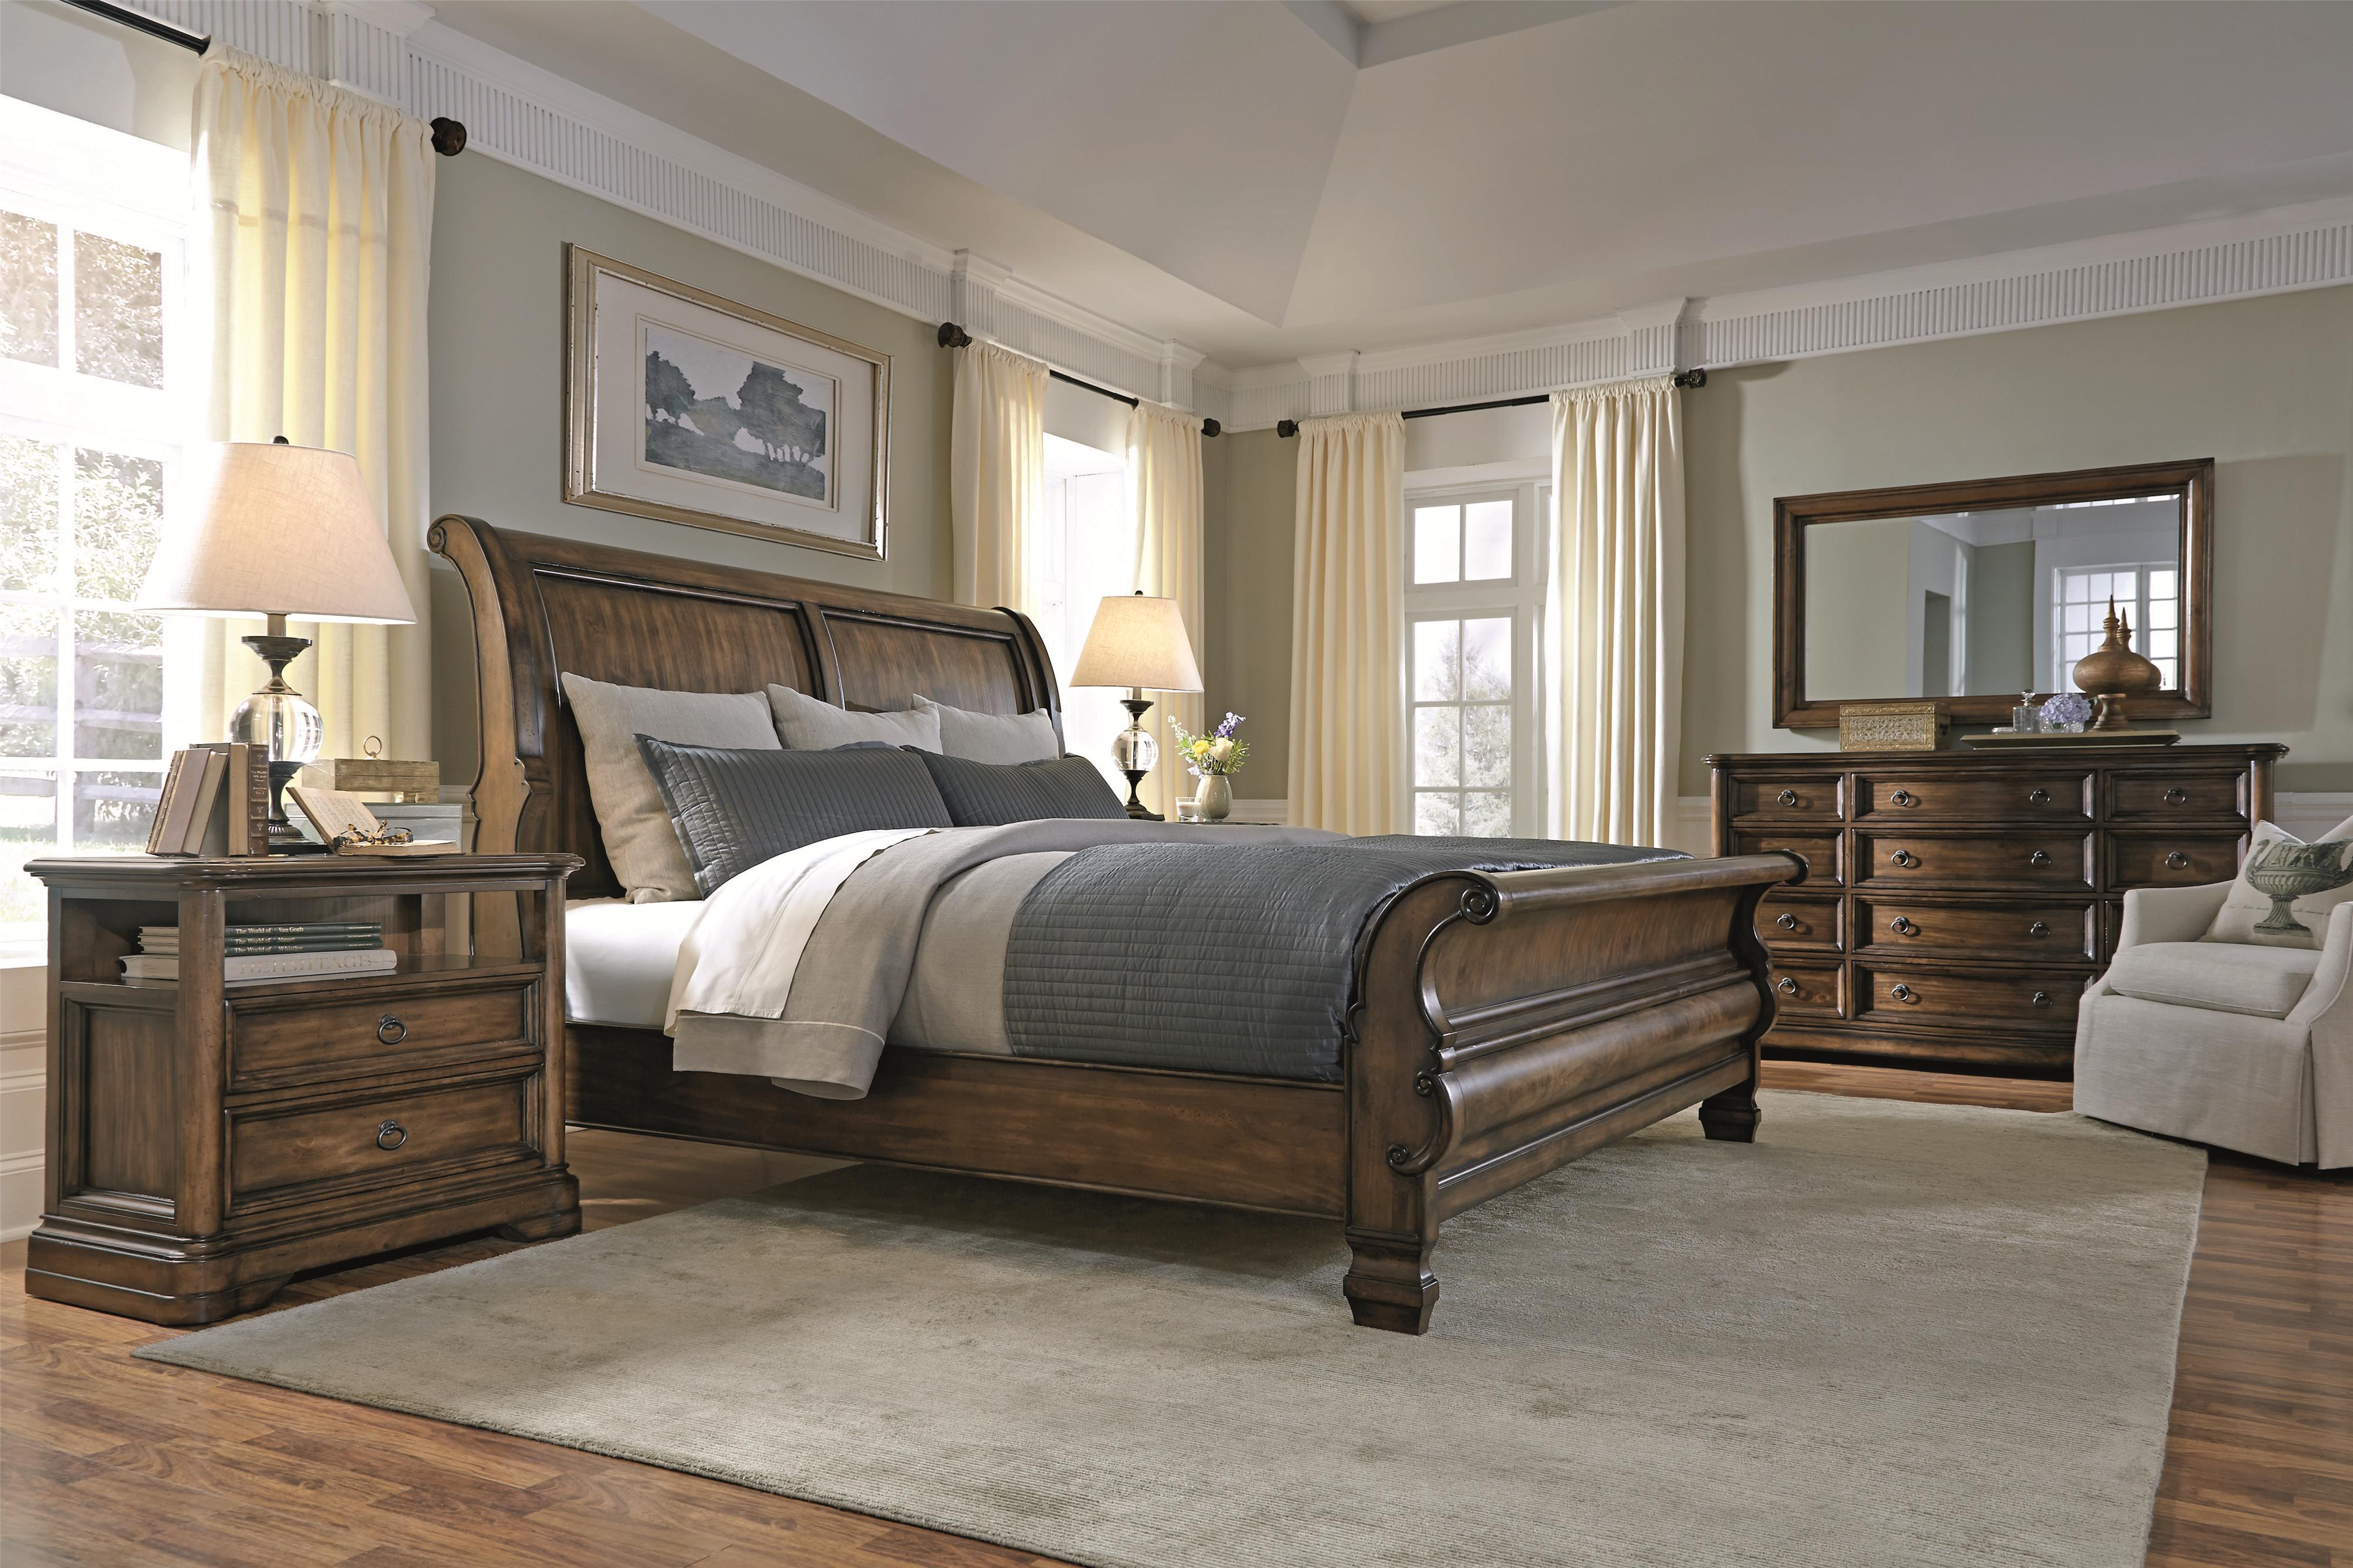 Bernhardt Montebella Queen Bedroom Group - Item Number: 350 Q Bedroom Group 3